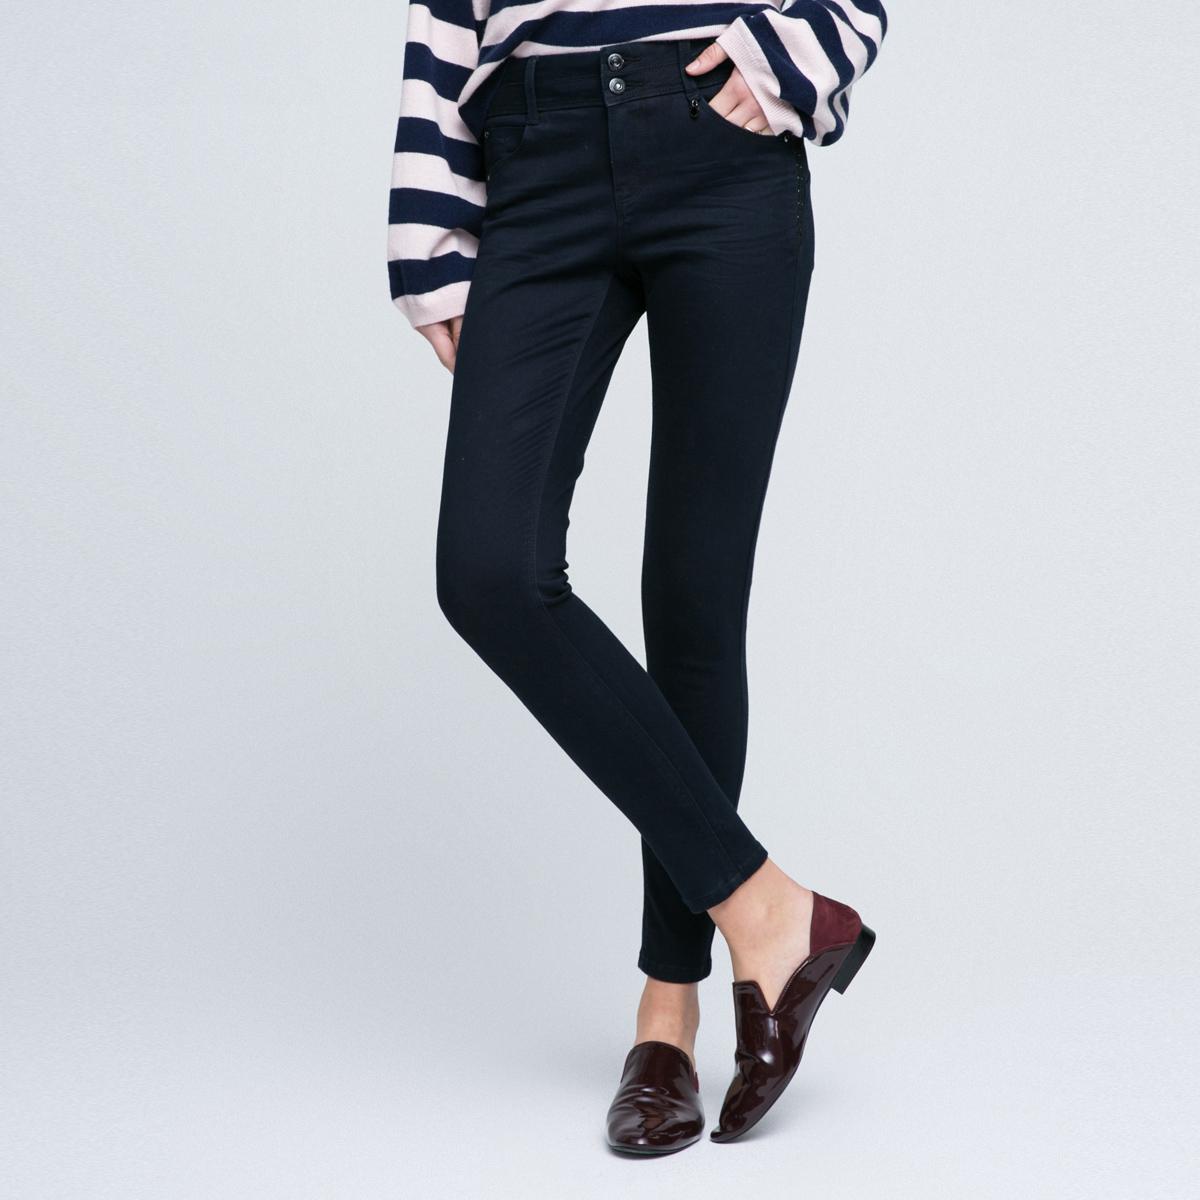 修身牛仔裤女款 ONLY2018年新品休闲纯色修身中腰修身长款牛仔裤女|117132501_推荐淘宝好看的修身牛仔裤女